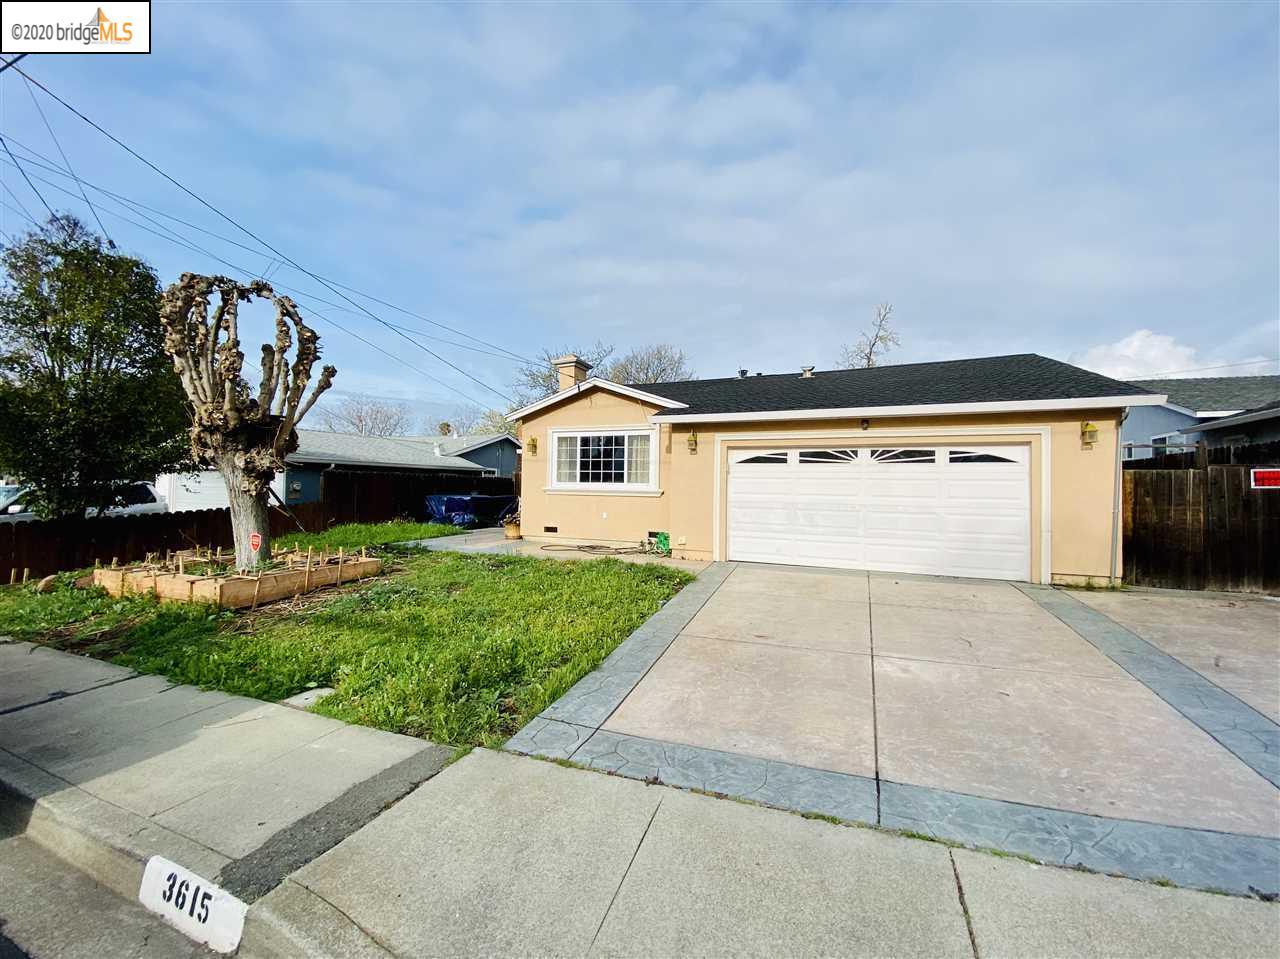 3615 Dormer Ave Concord, CA 94519